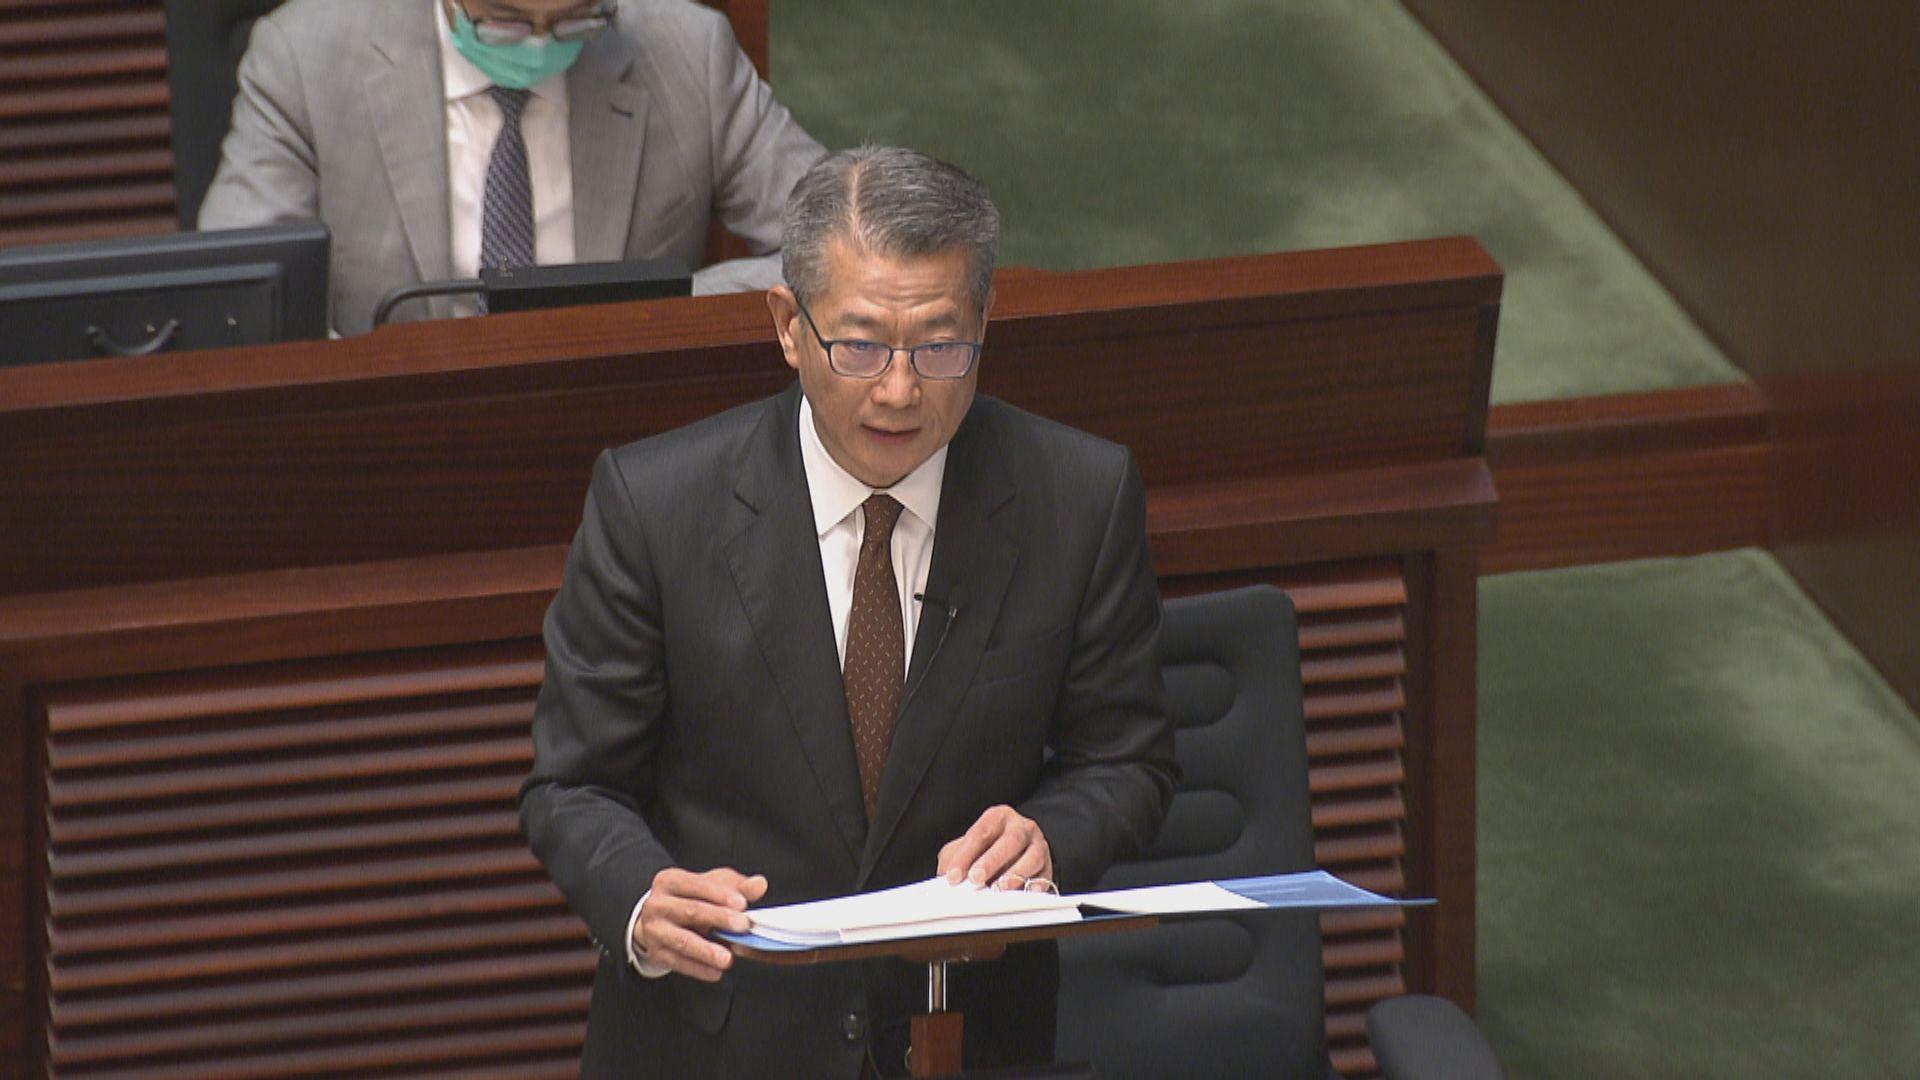 【財政預算案】陳茂波:儲備減少 需開拓新收入來源